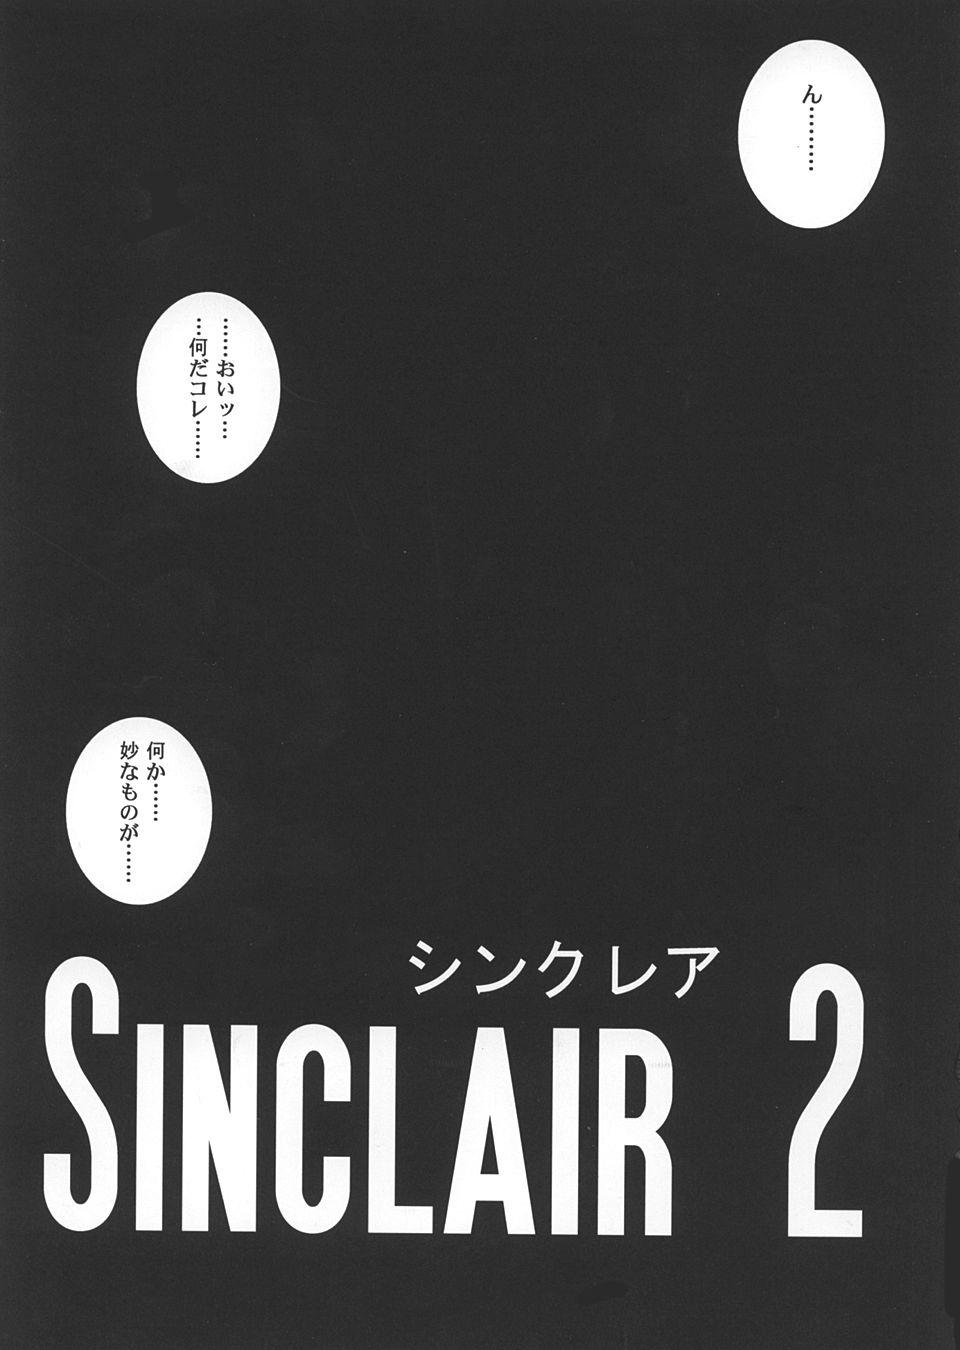 Sinclair 2 & Extra 3